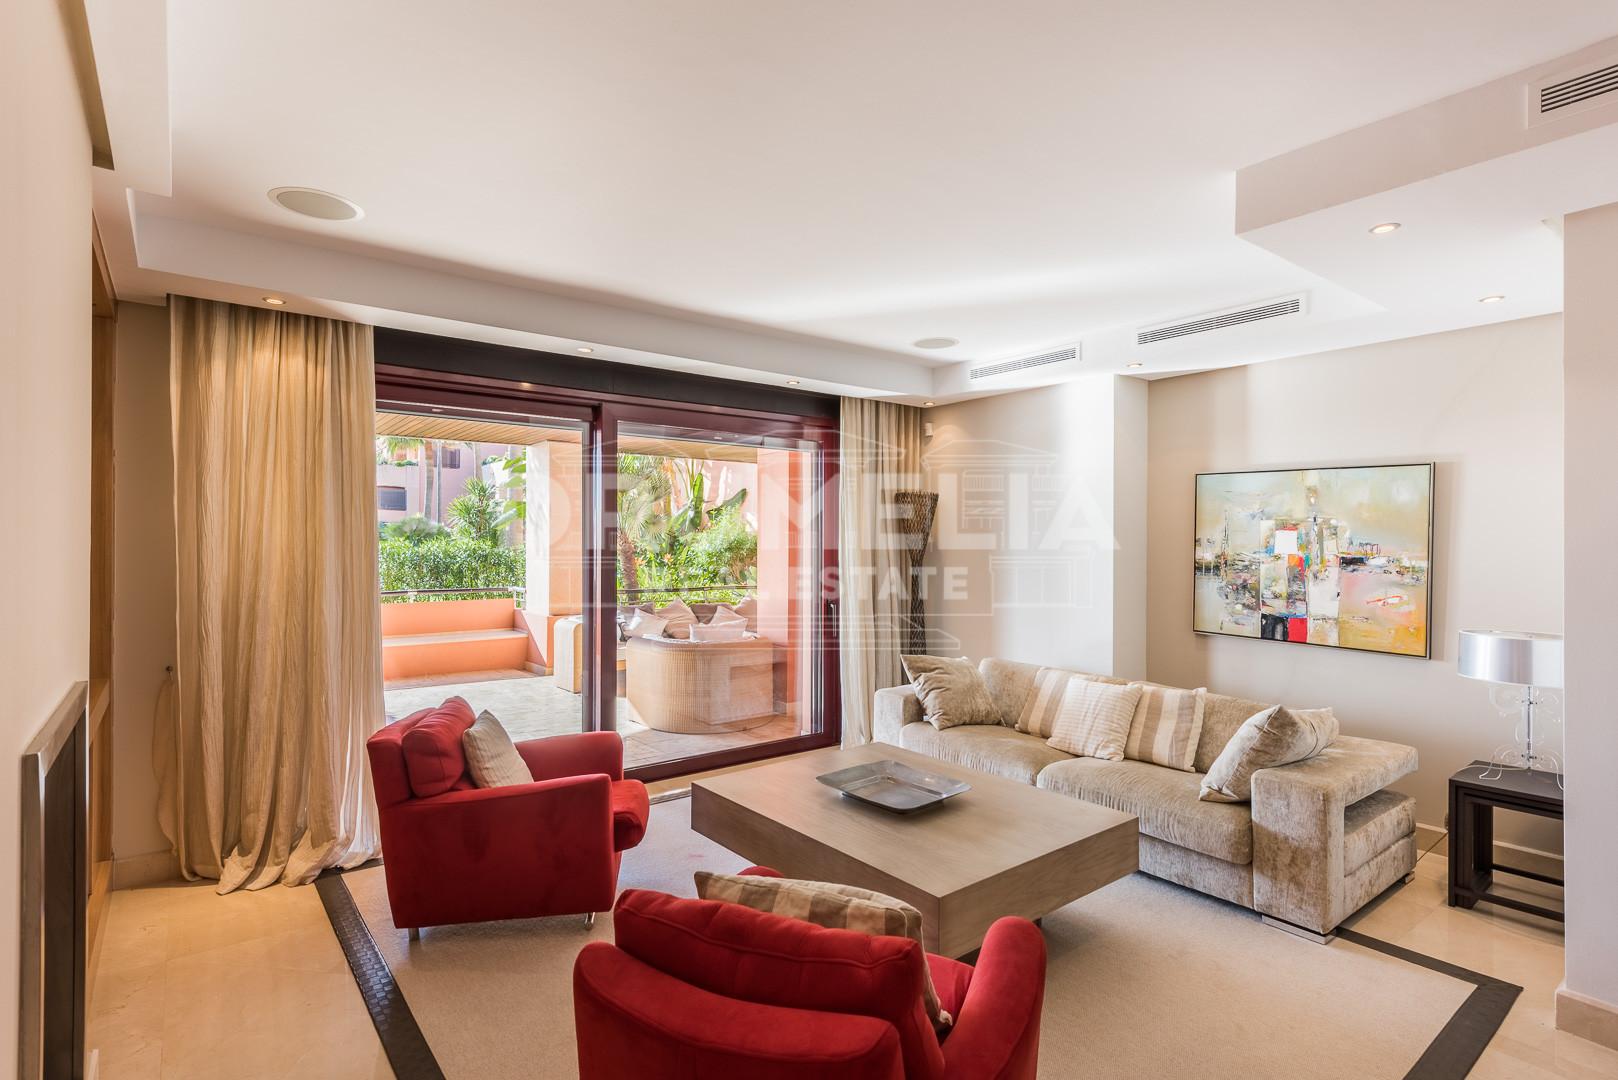 Ground Floor Apartment in Malibu, Marbella - Puerto Banus